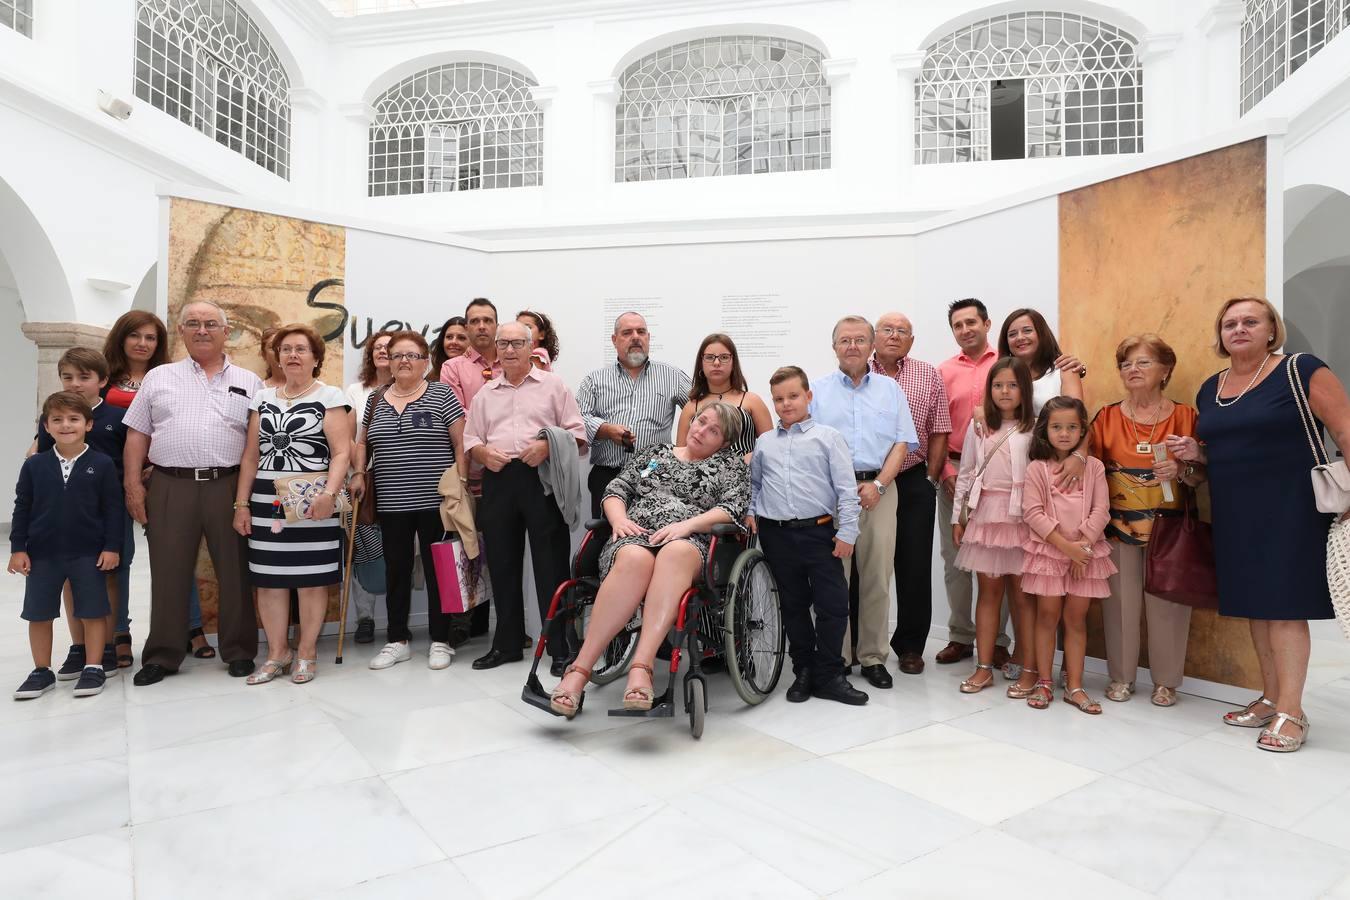 Las víctimas del terrorismo en España reciben un homenaje en un acto en Mérida